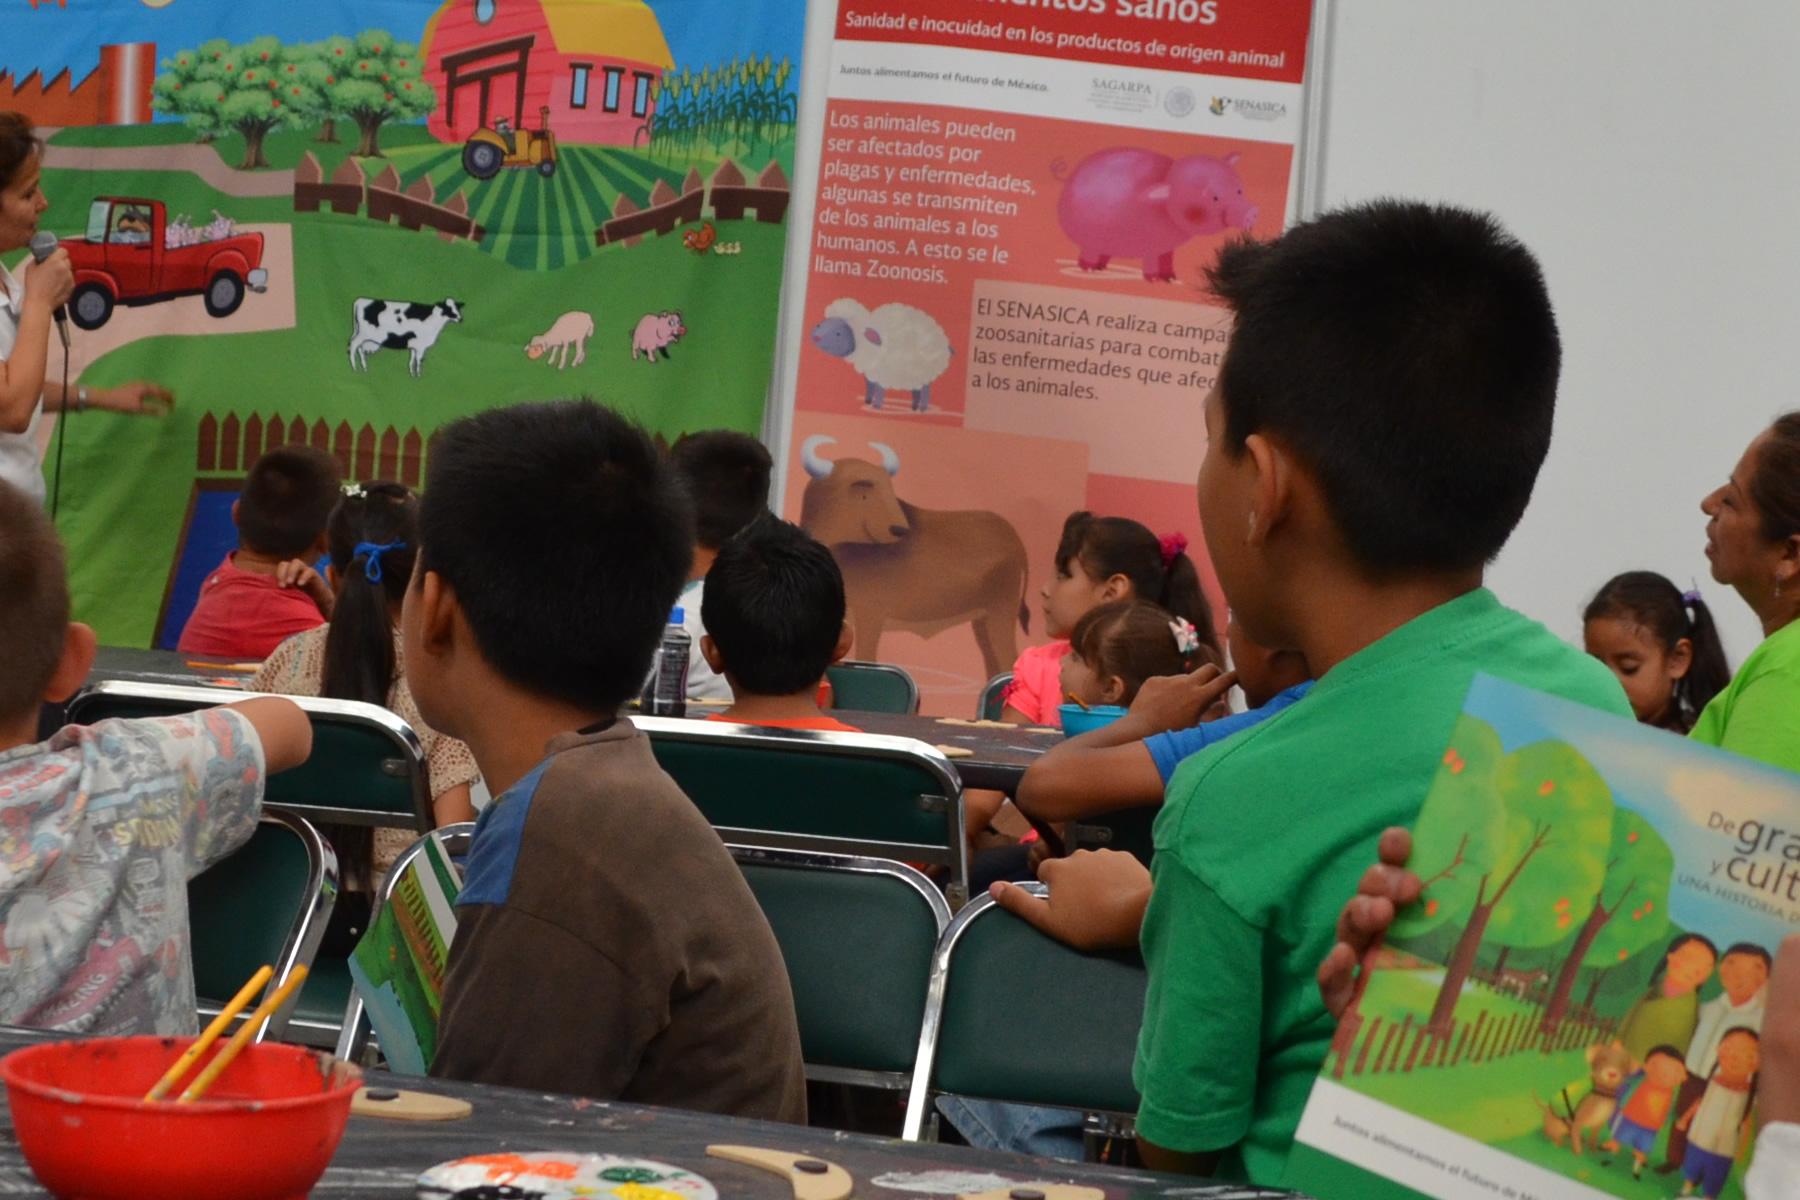 Con el objetivo de que las niñas y niños conozcan la diversidad de productos agroalimentarios que se producen en México, el SENASICA participó por primera vez en el Festival Parapingüicas